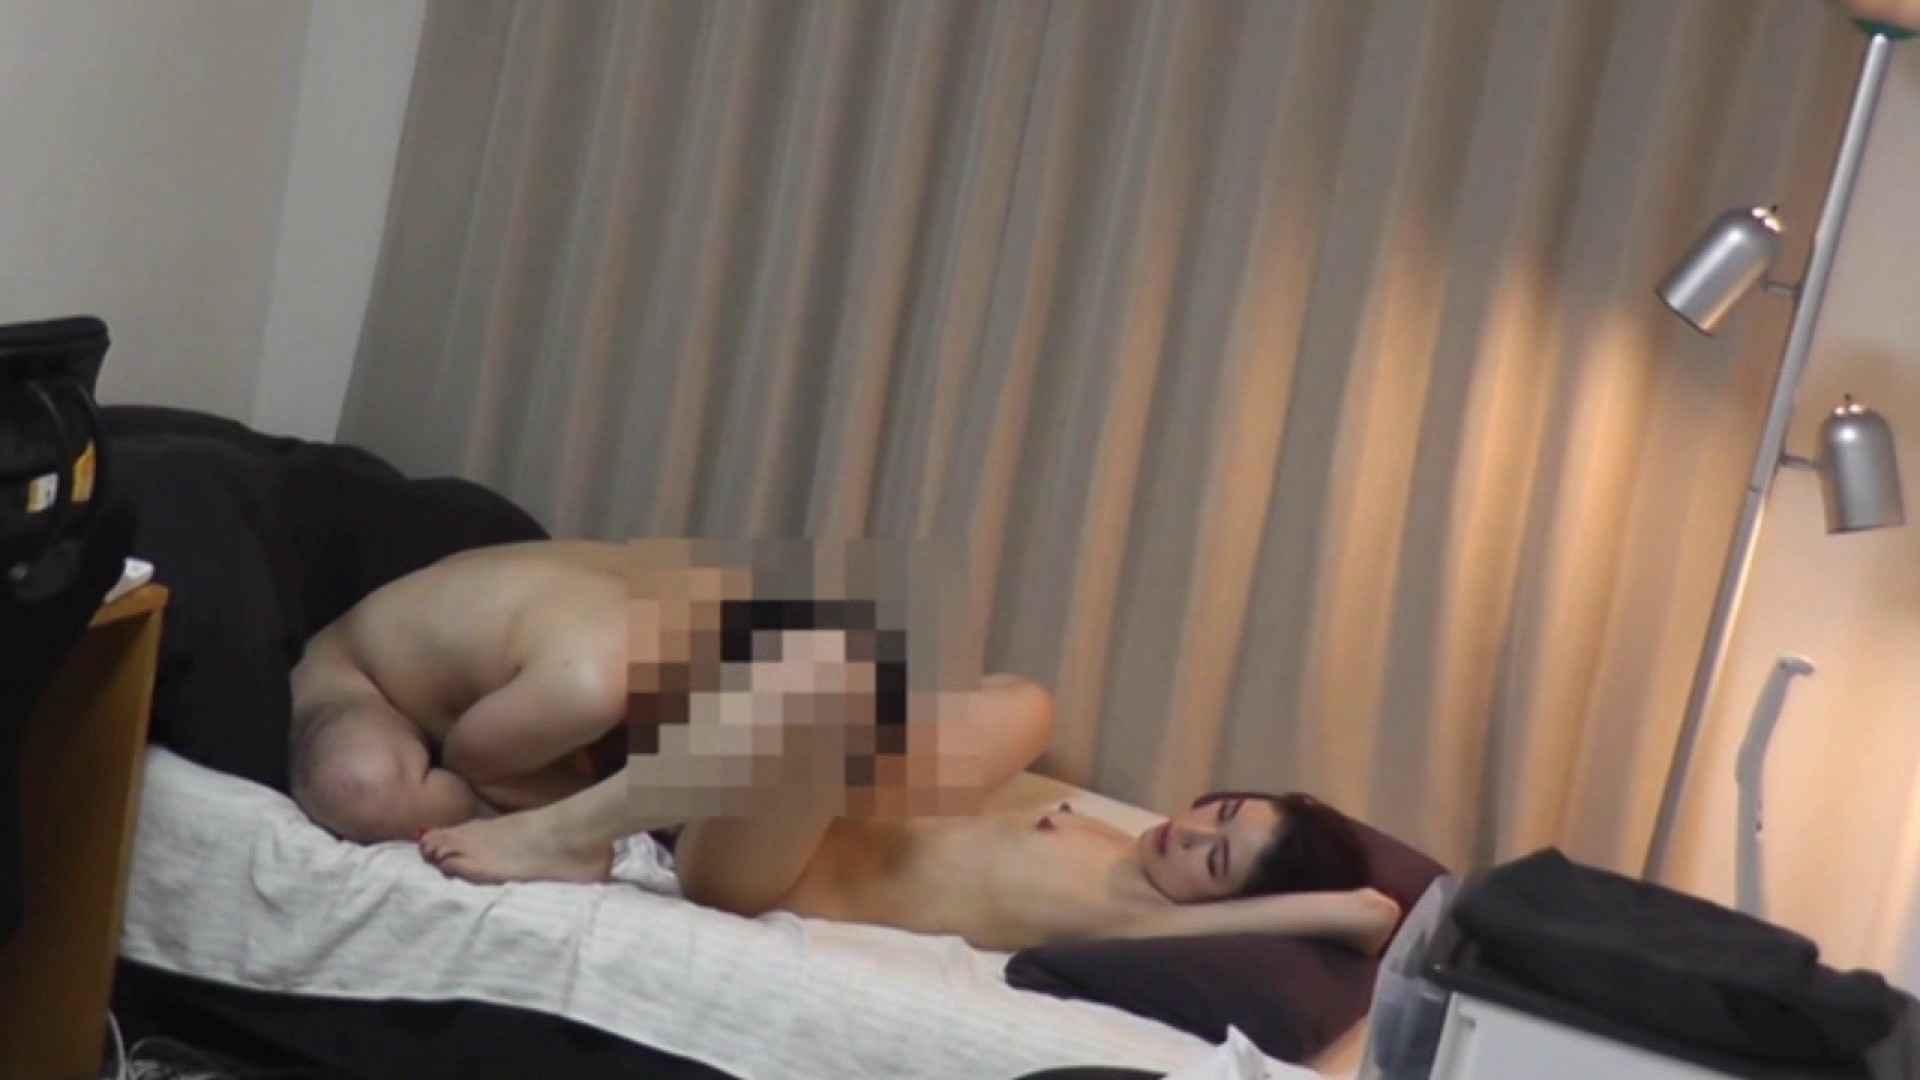 ギャルエロ娘の反乱 Vol.07 SEX映像 | エッチすぎるOL達  55連発 31